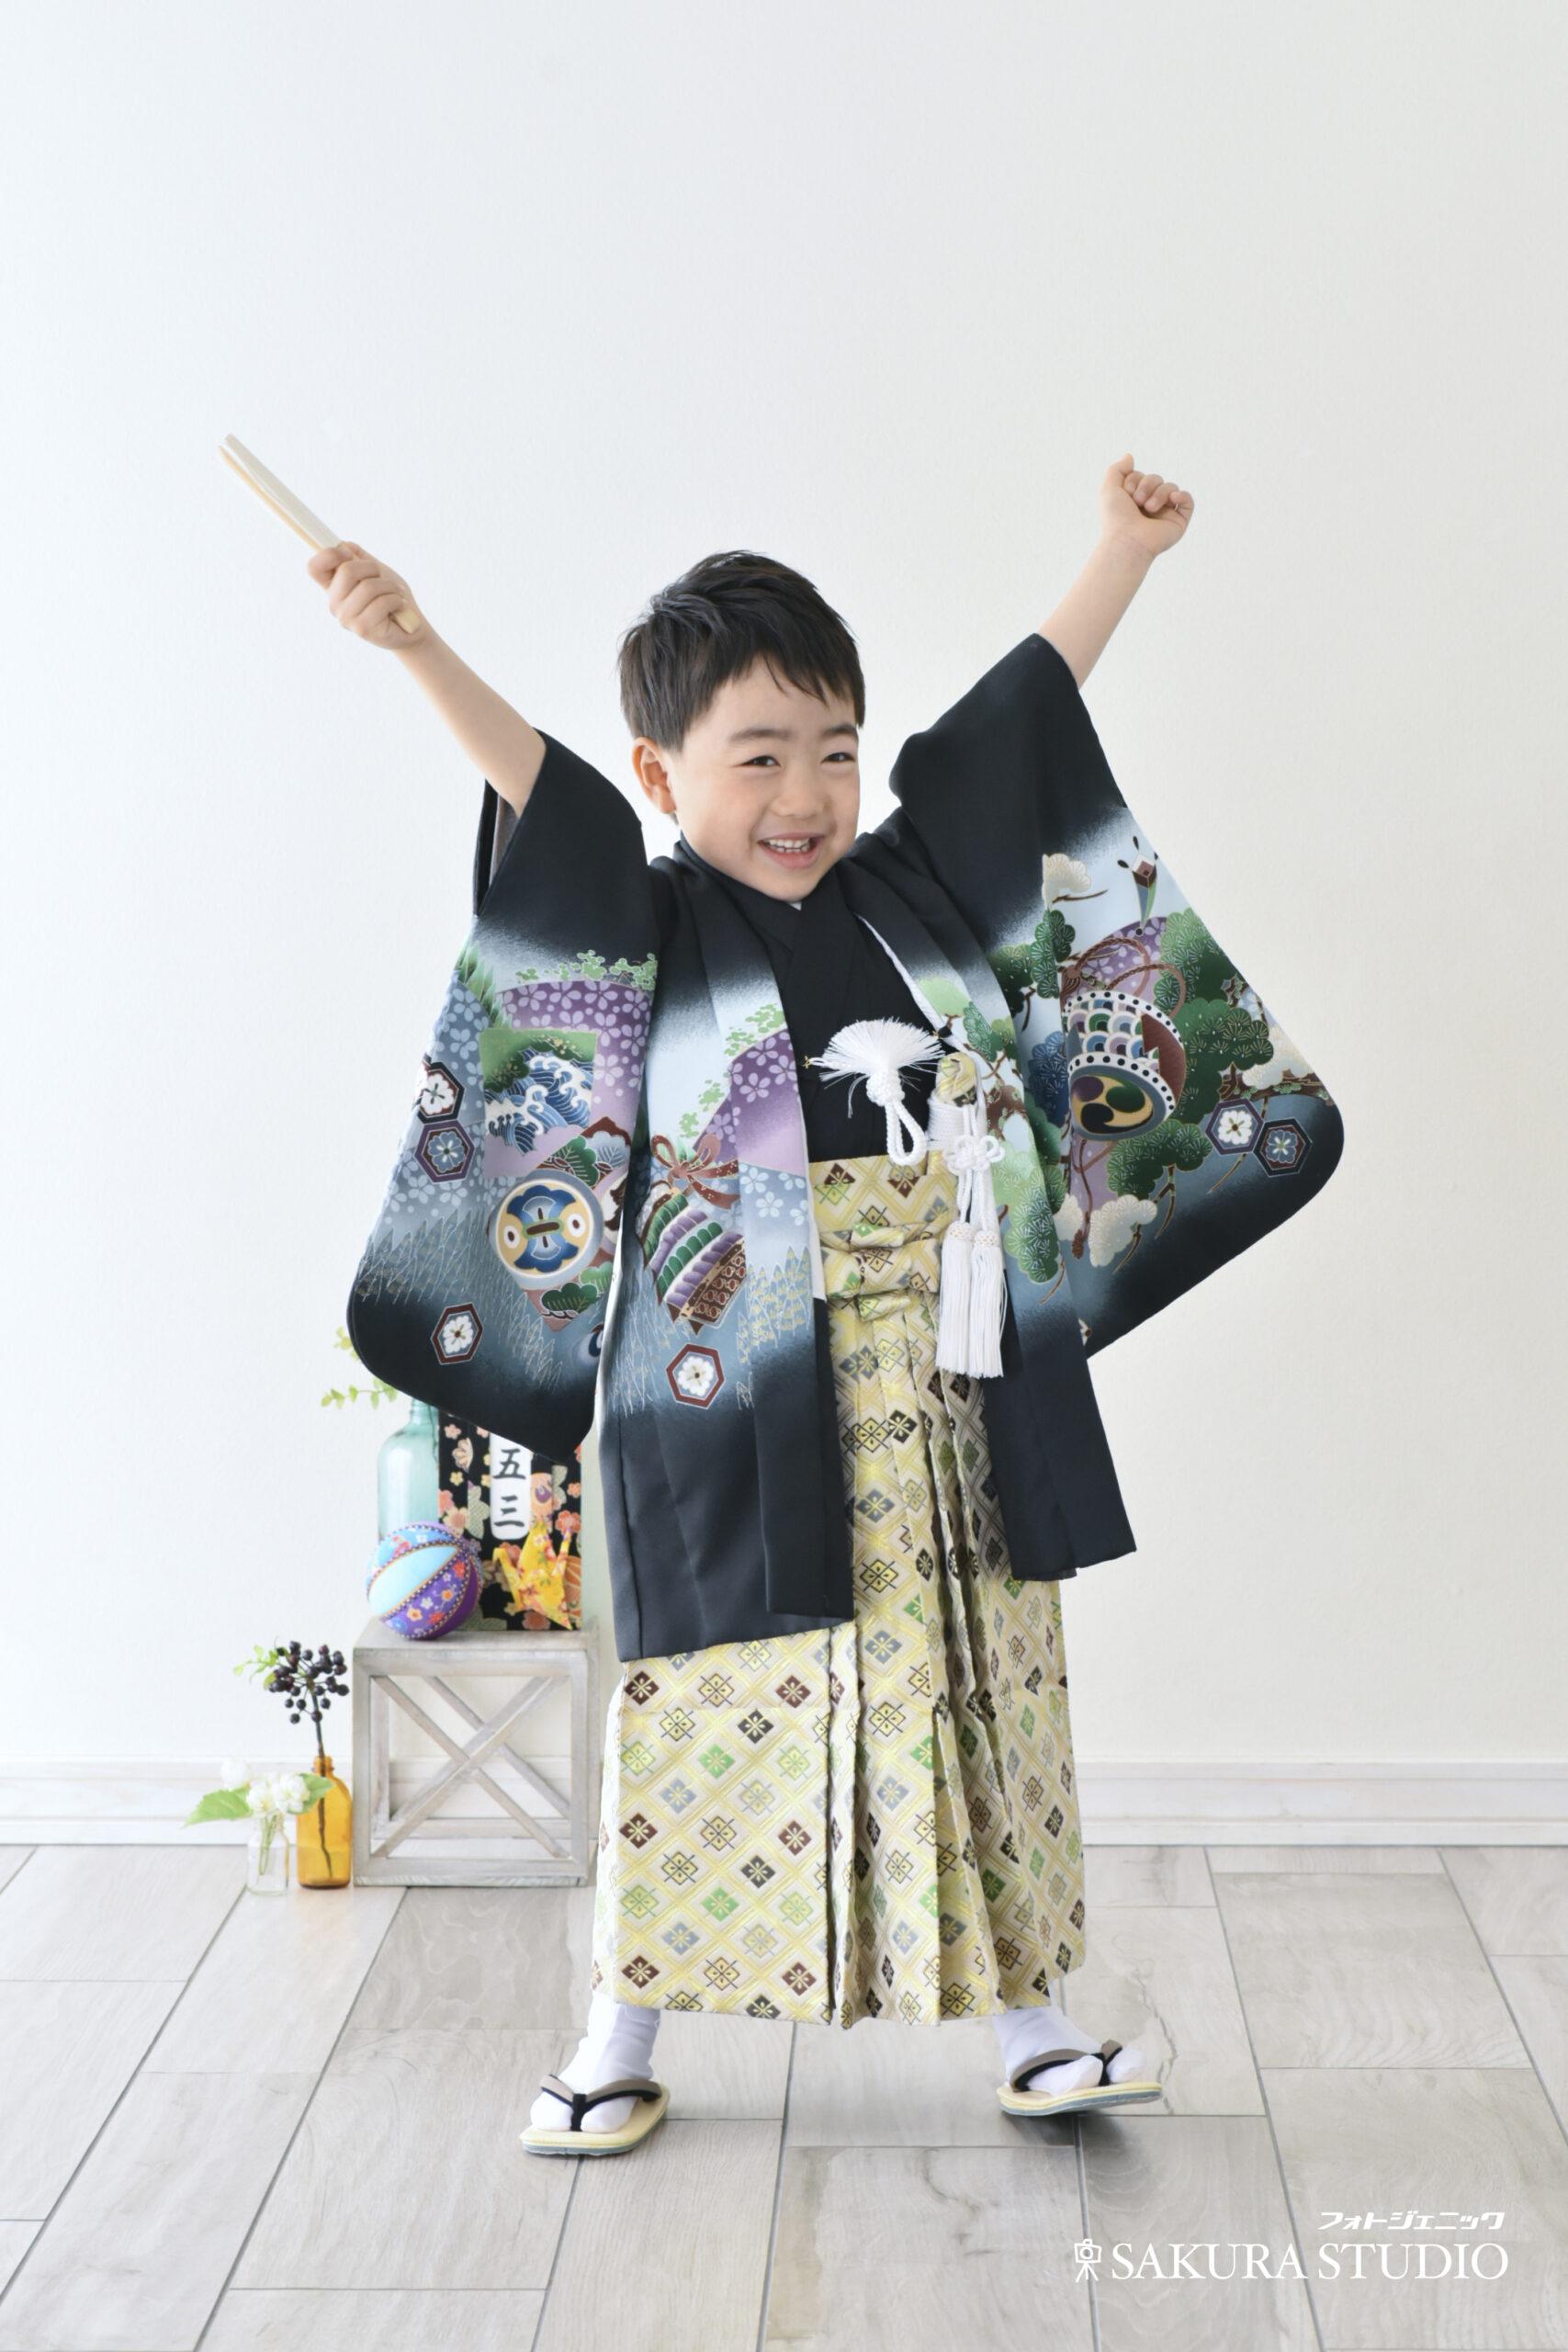 七五三 男の子 袴 扇子 姉弟写真 仲良し かわいい 元気 桜 ロケーション撮影 写真撮影 宇都宮 フォトジェニックサクラスタジオ フォトスタジオ